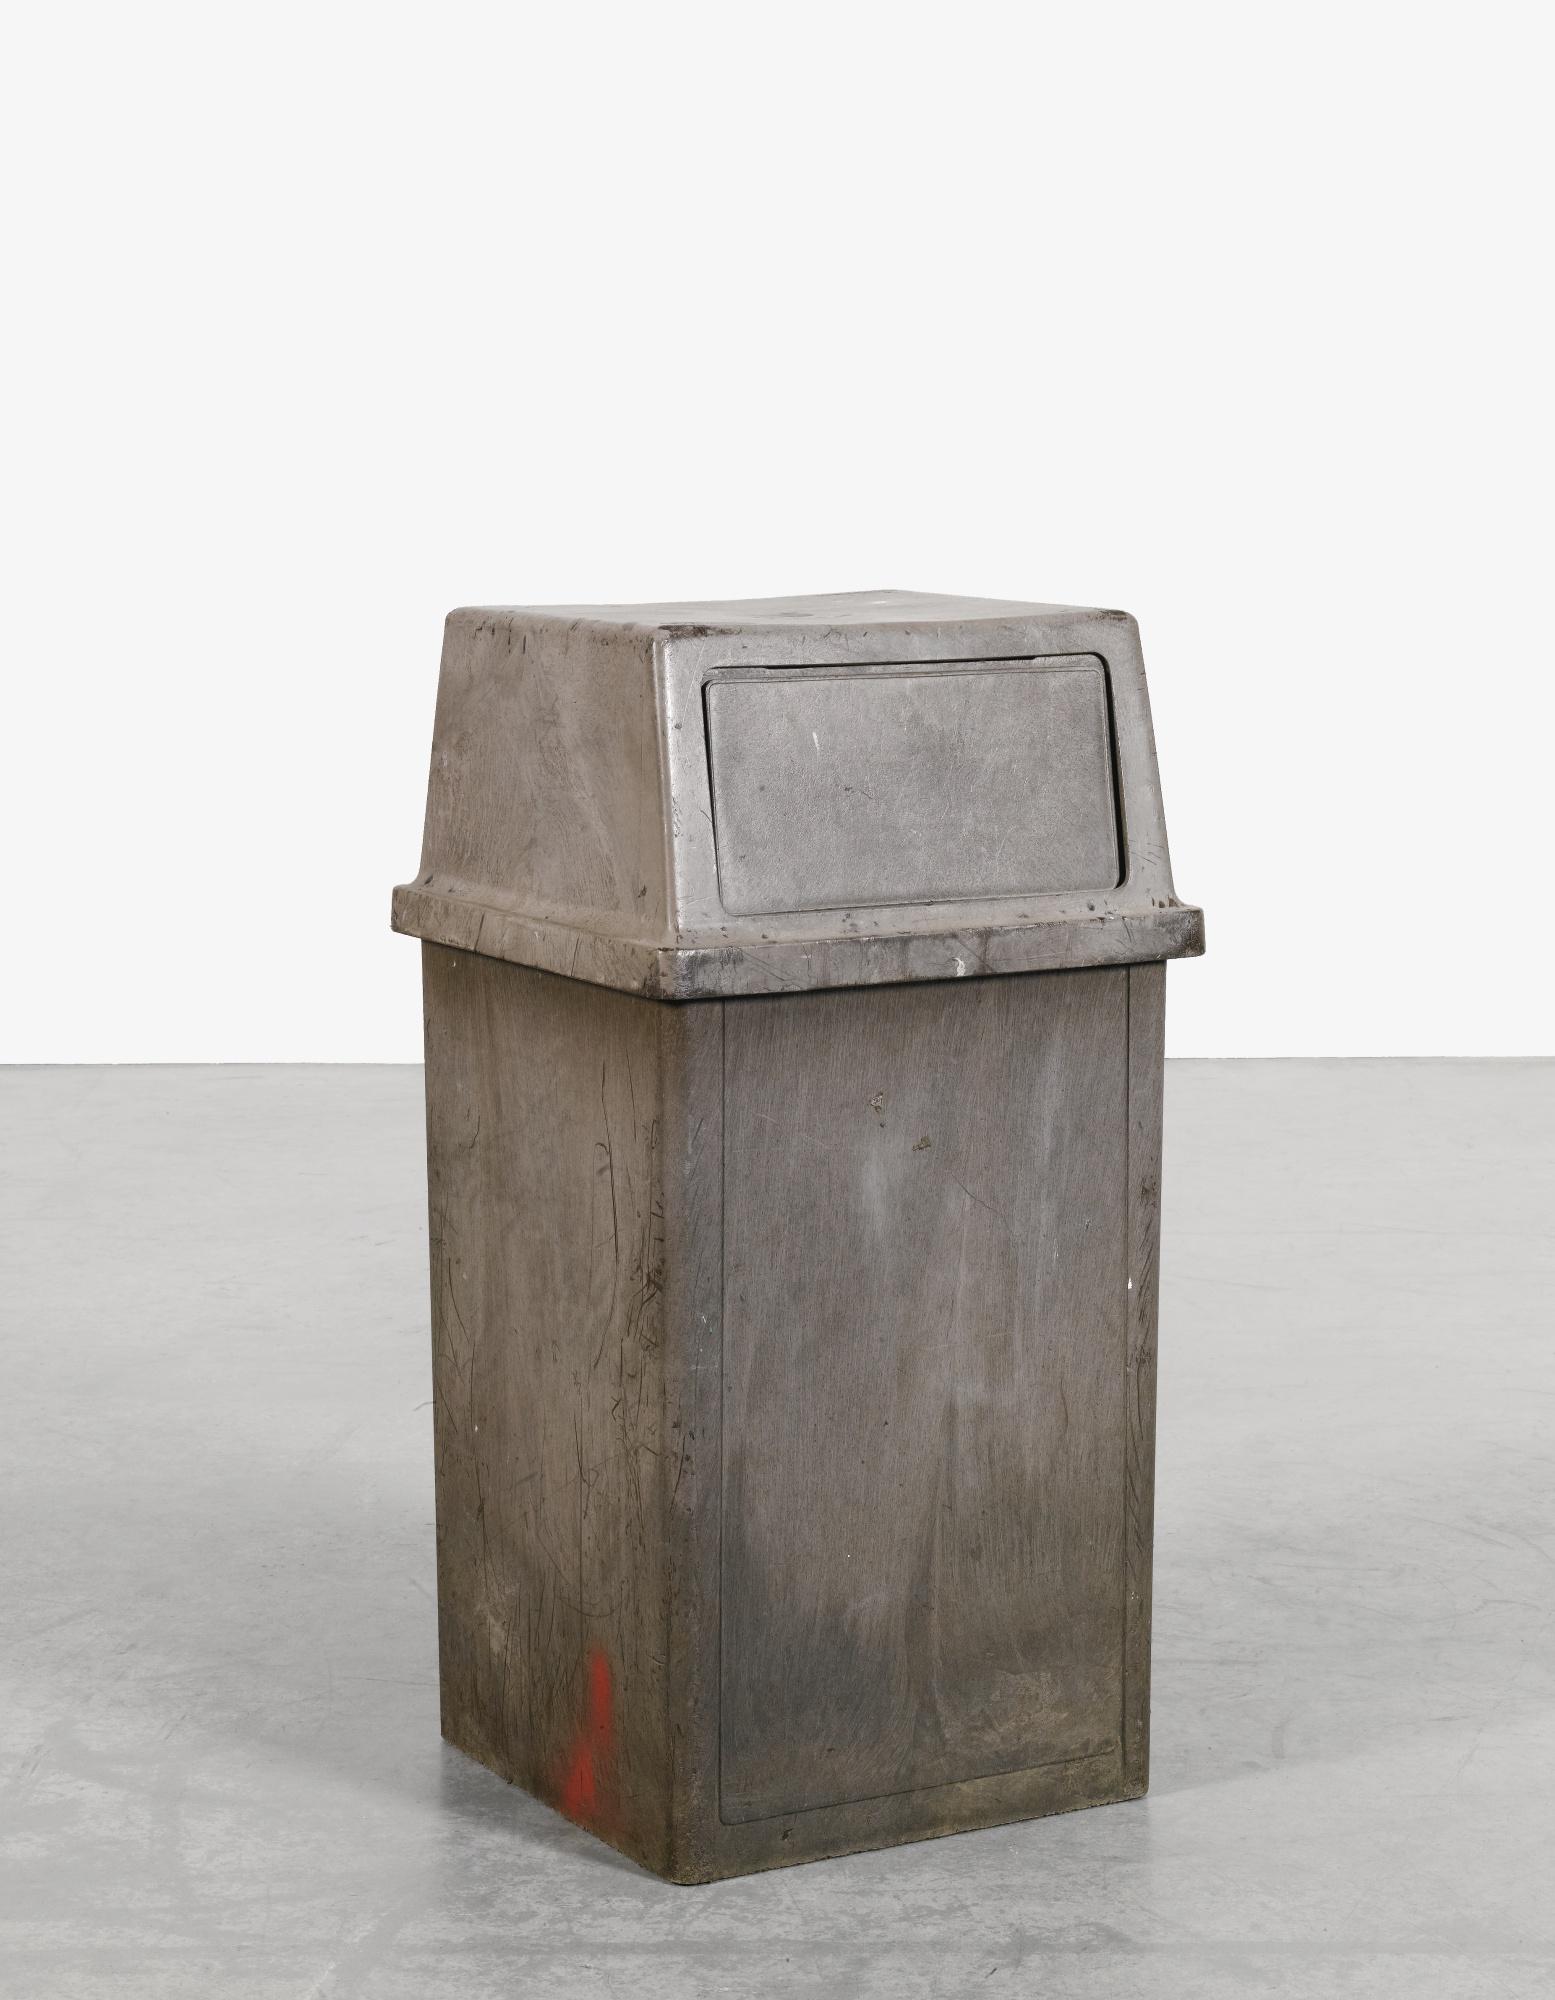 Klara Liden-Untitled (Trashcan)-2012